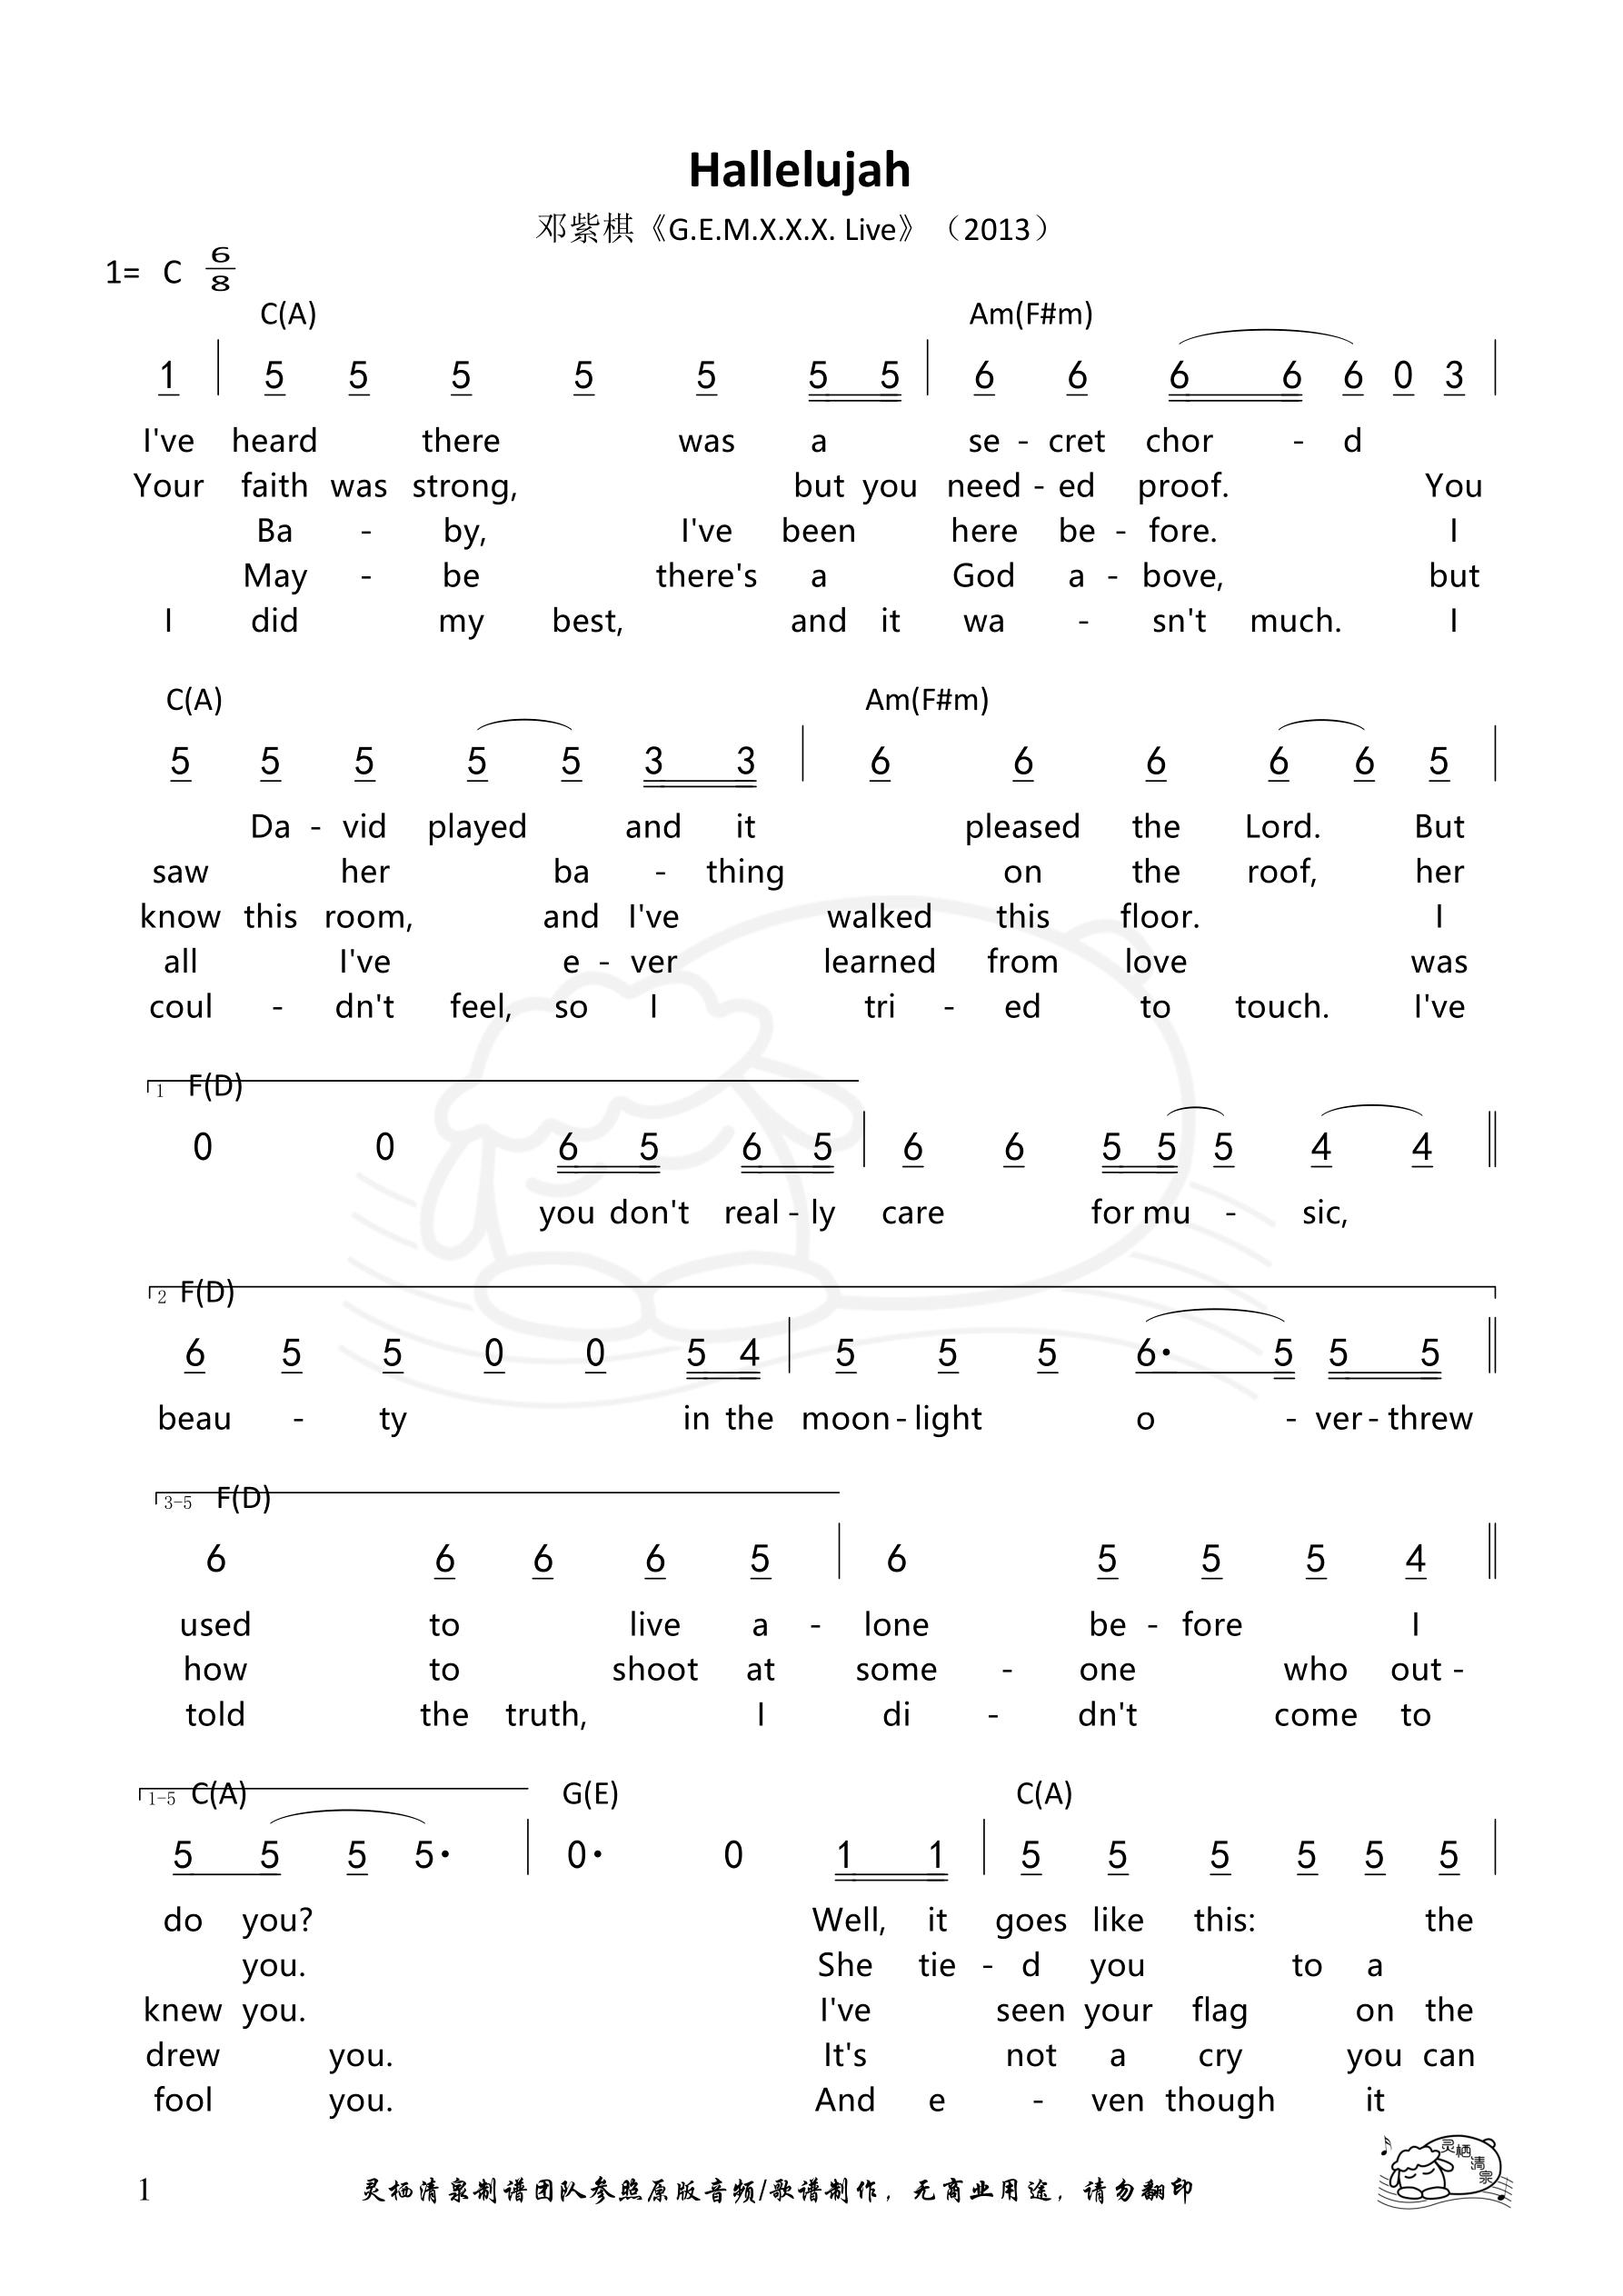 《第822首 - 哈利路亚(邓紫棋)》